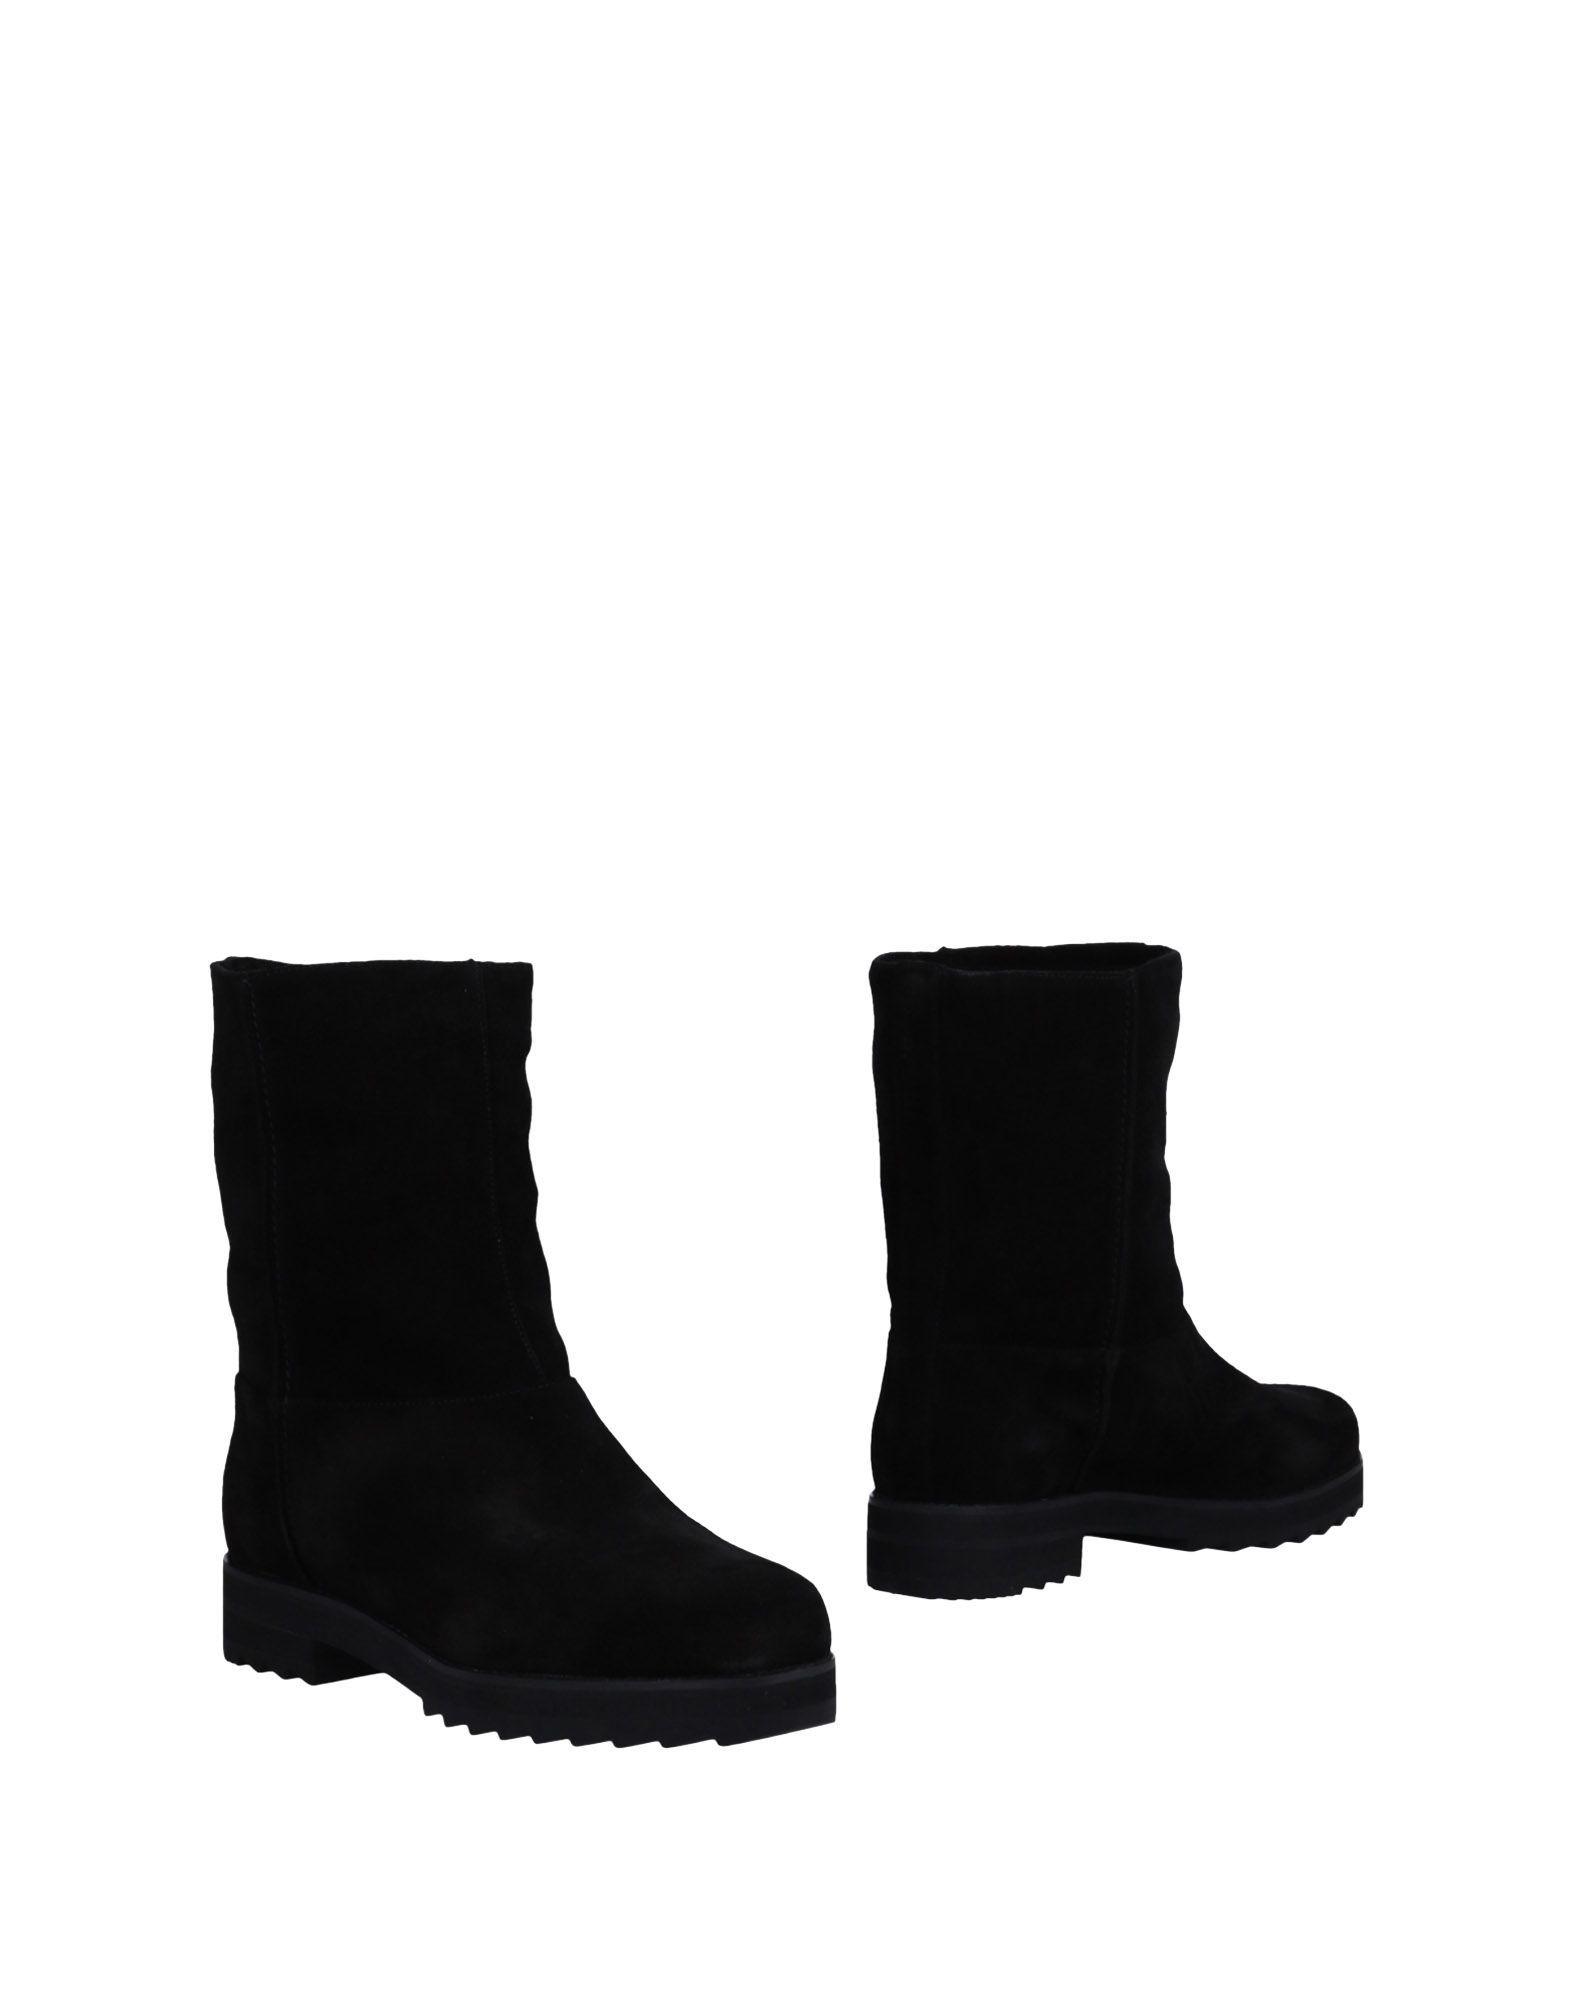 Jil Sander Navy Black Leather Ankle Boots